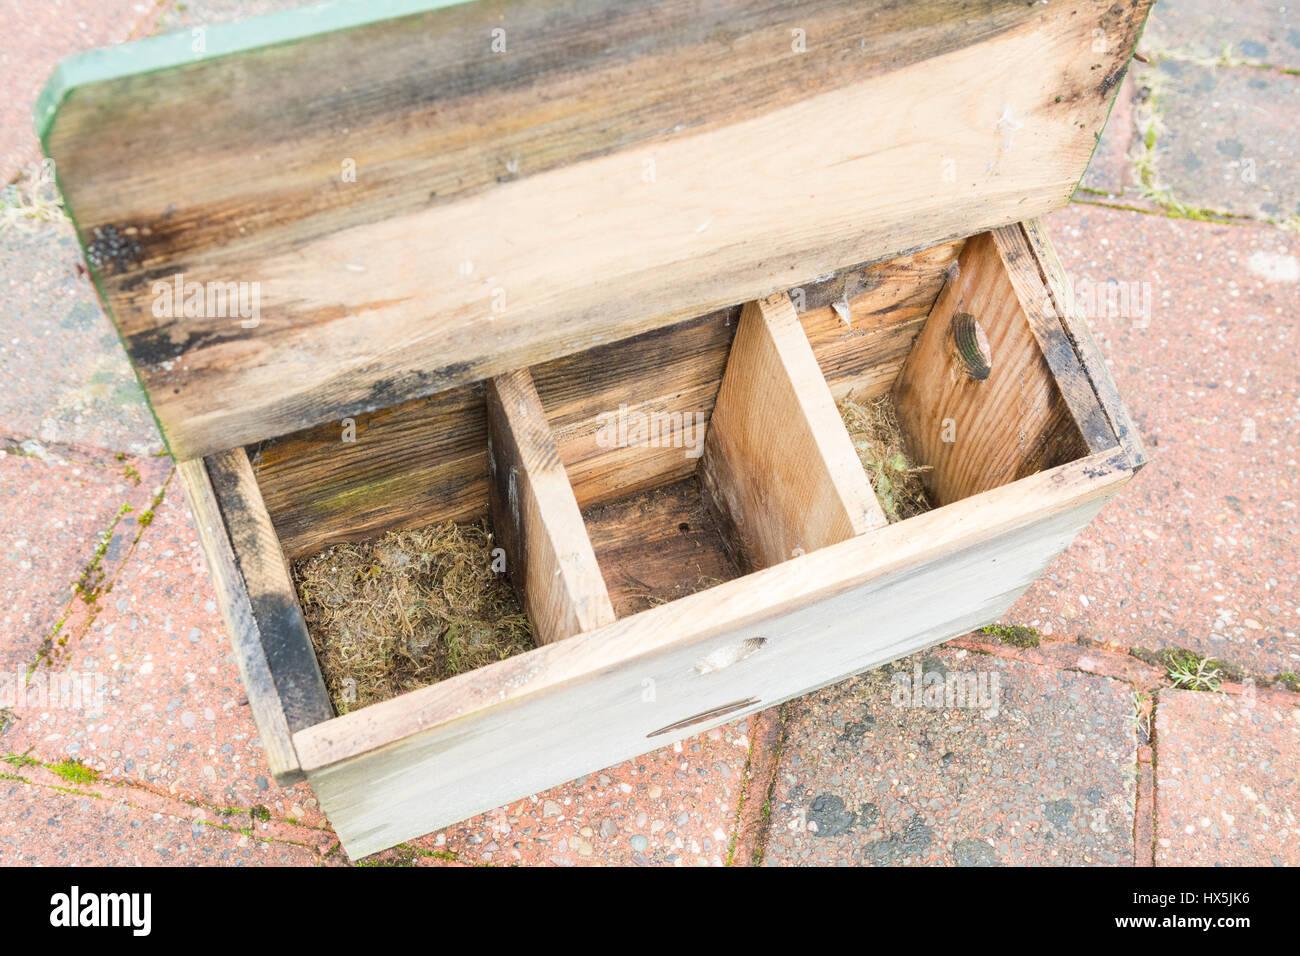 Terrasse pour les moineaux nichoir prêt pour le nettoyage des matériaux de nidification ancienne Photo Stock